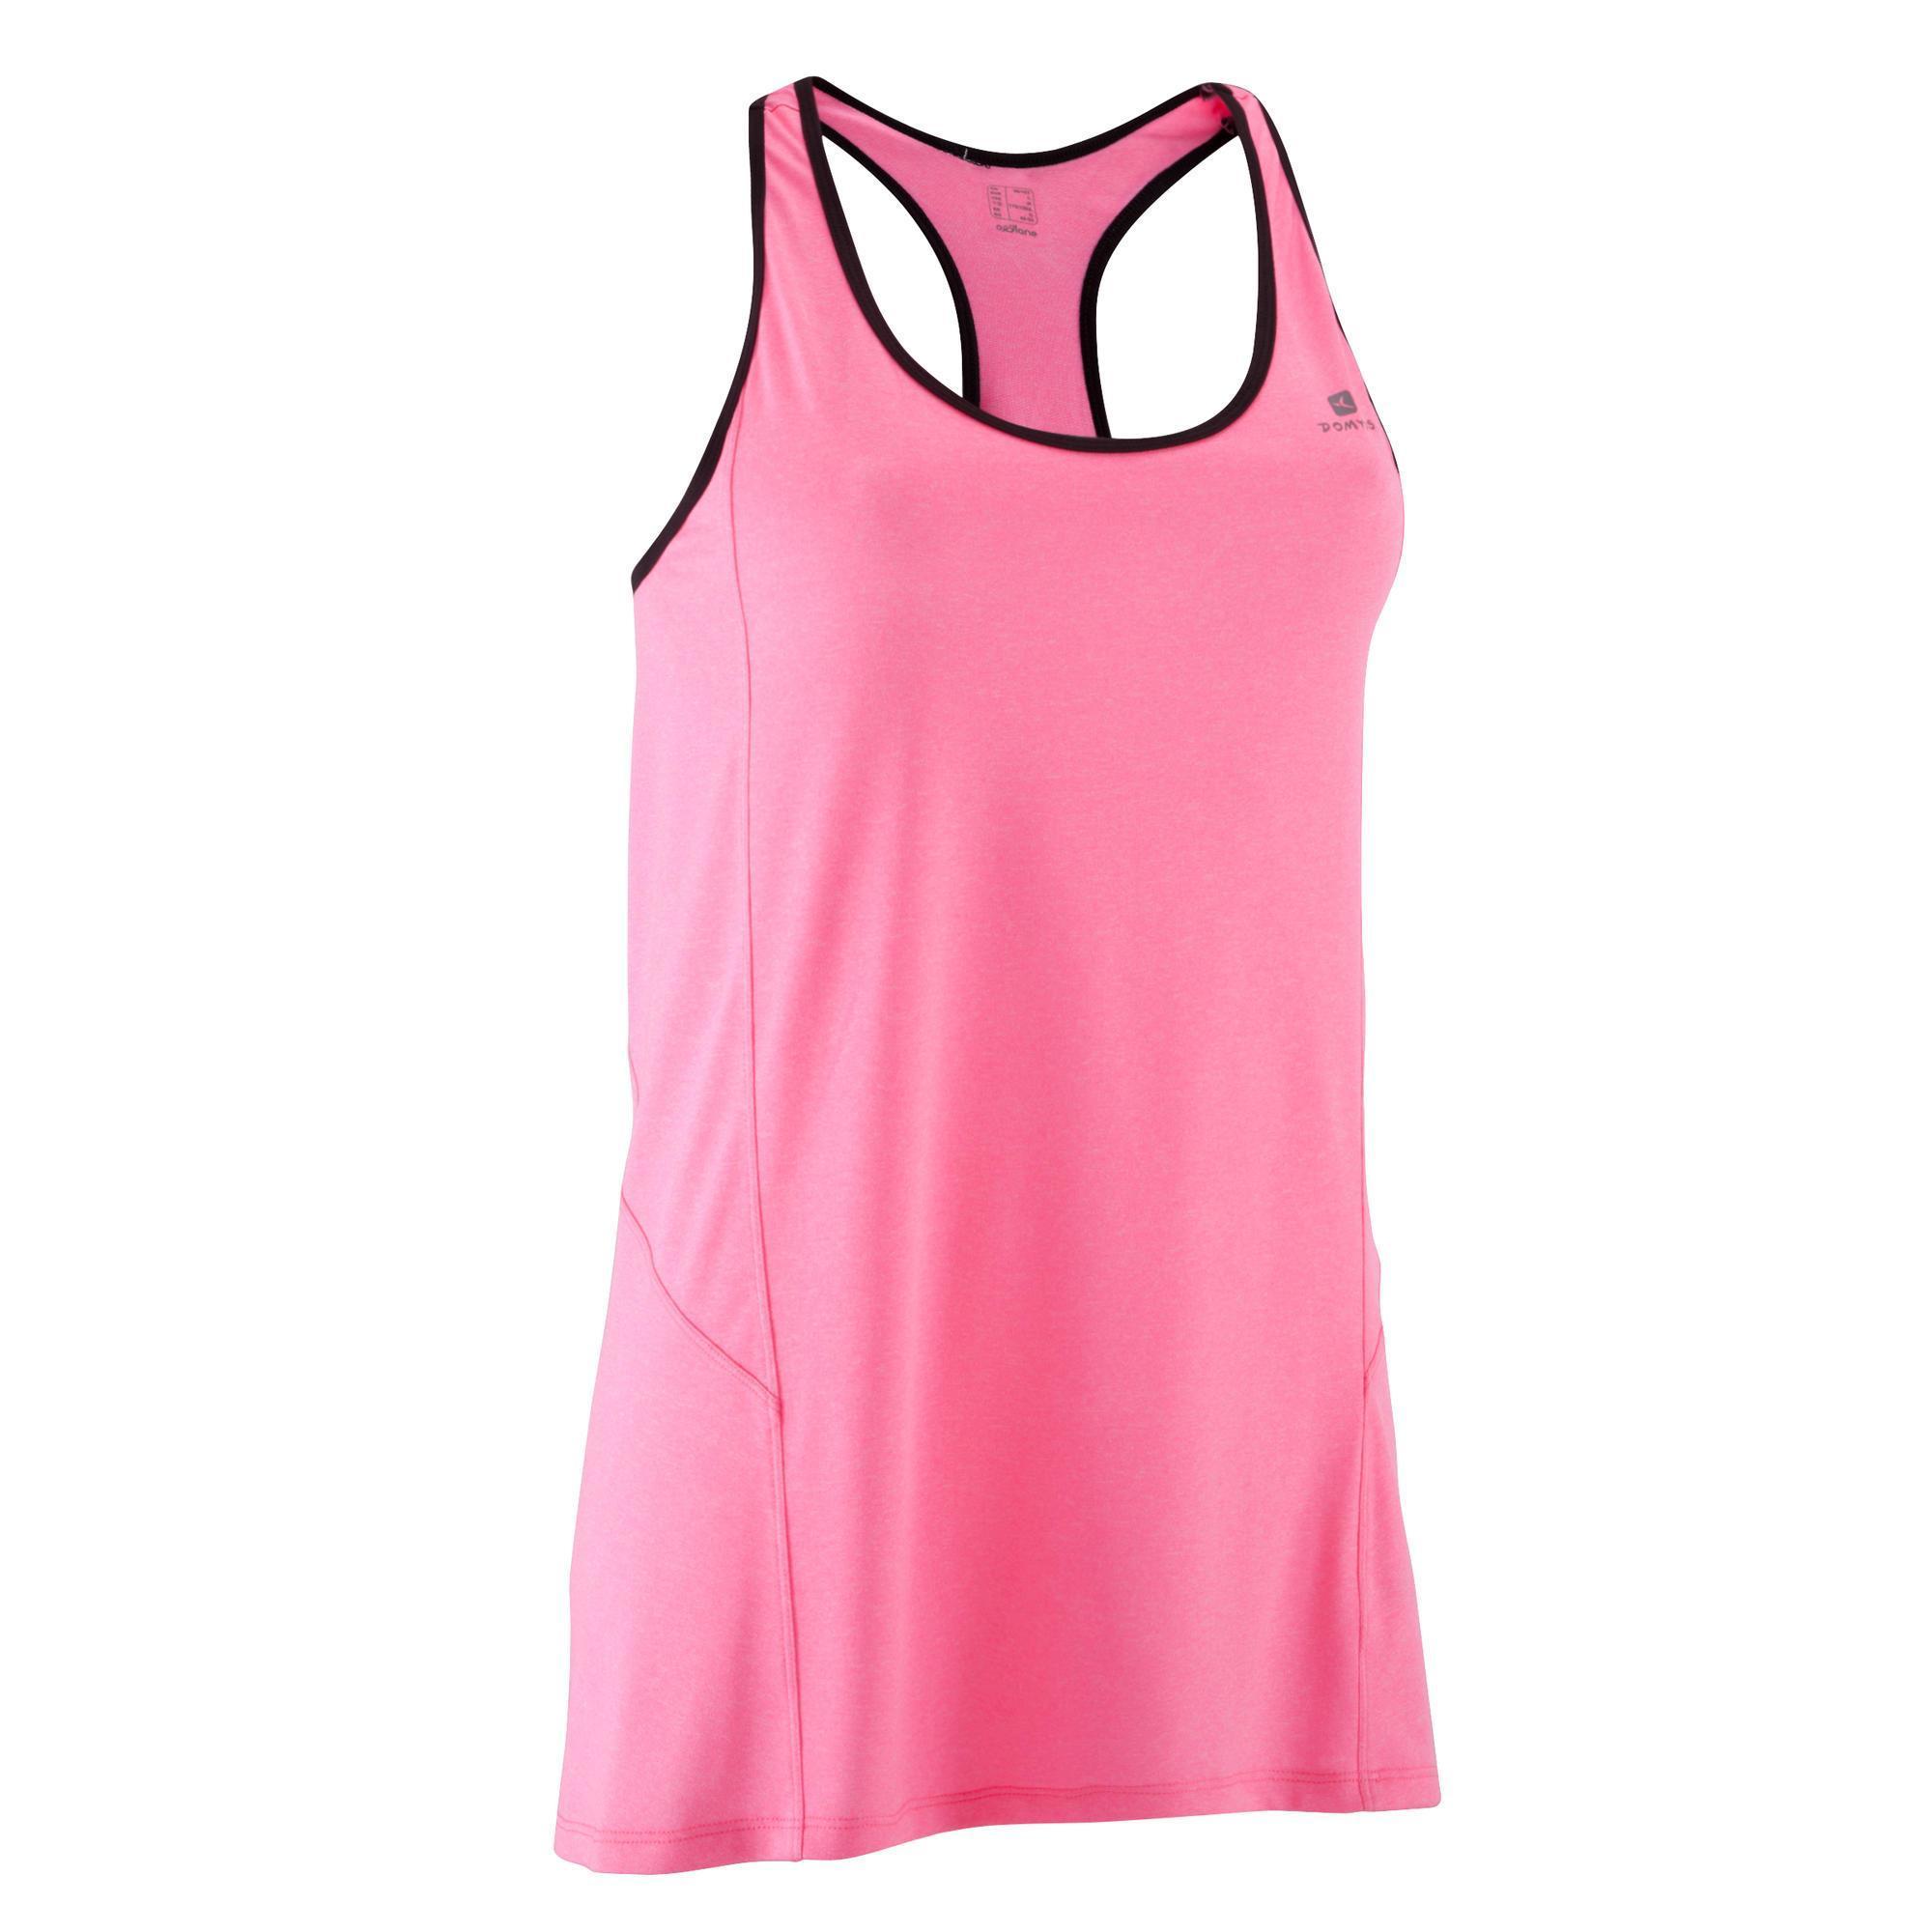 Domyos Abbigliamento Tonificazione Fitness By Donna E Muscolare wTq7afp